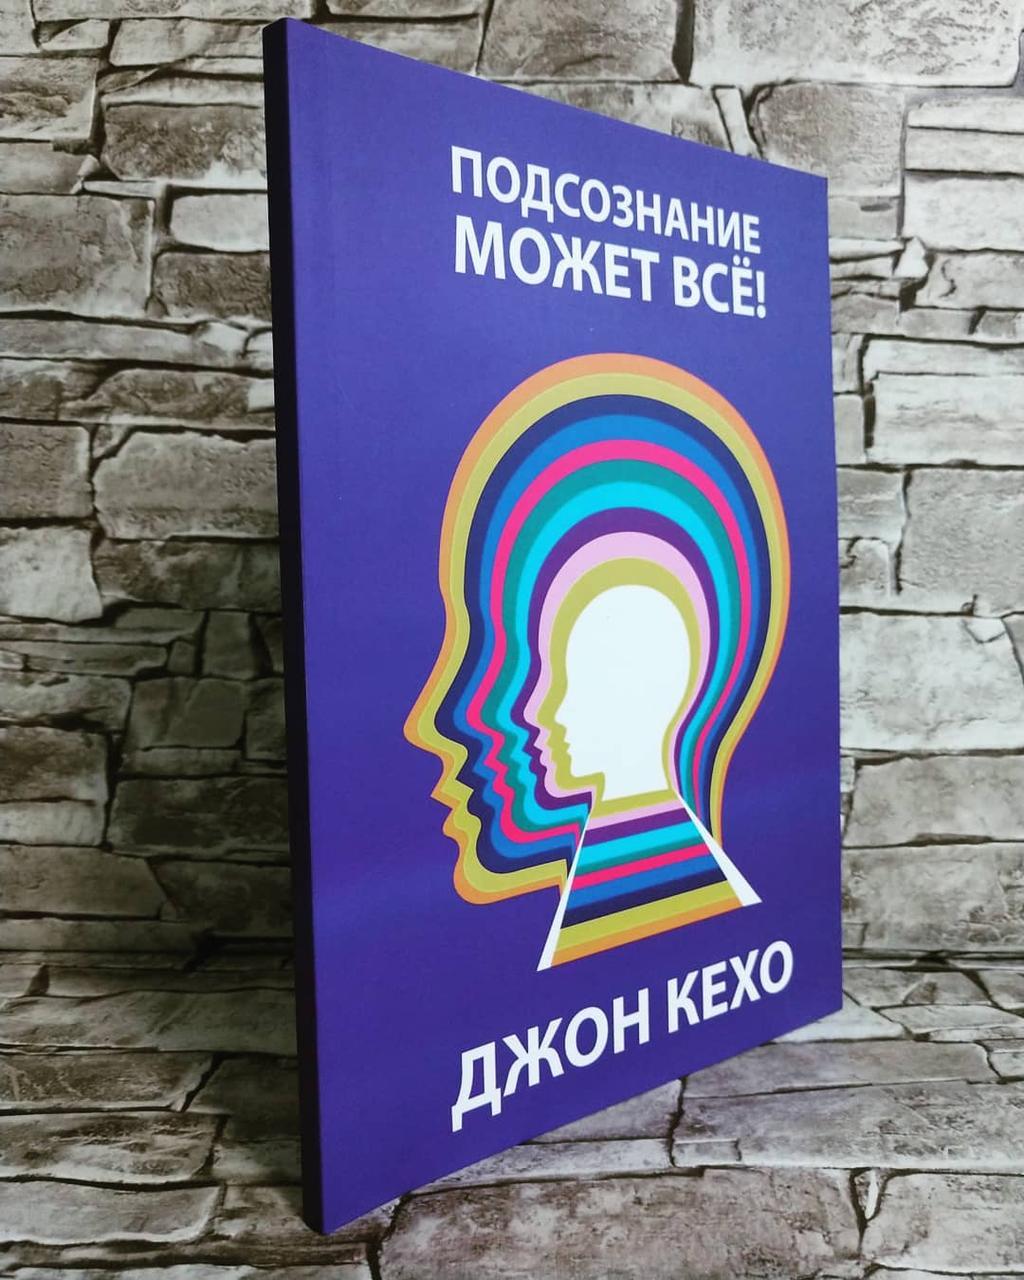 """Книга """"Подсознание может всё!"""" Джон Кехо. Бестселлер."""